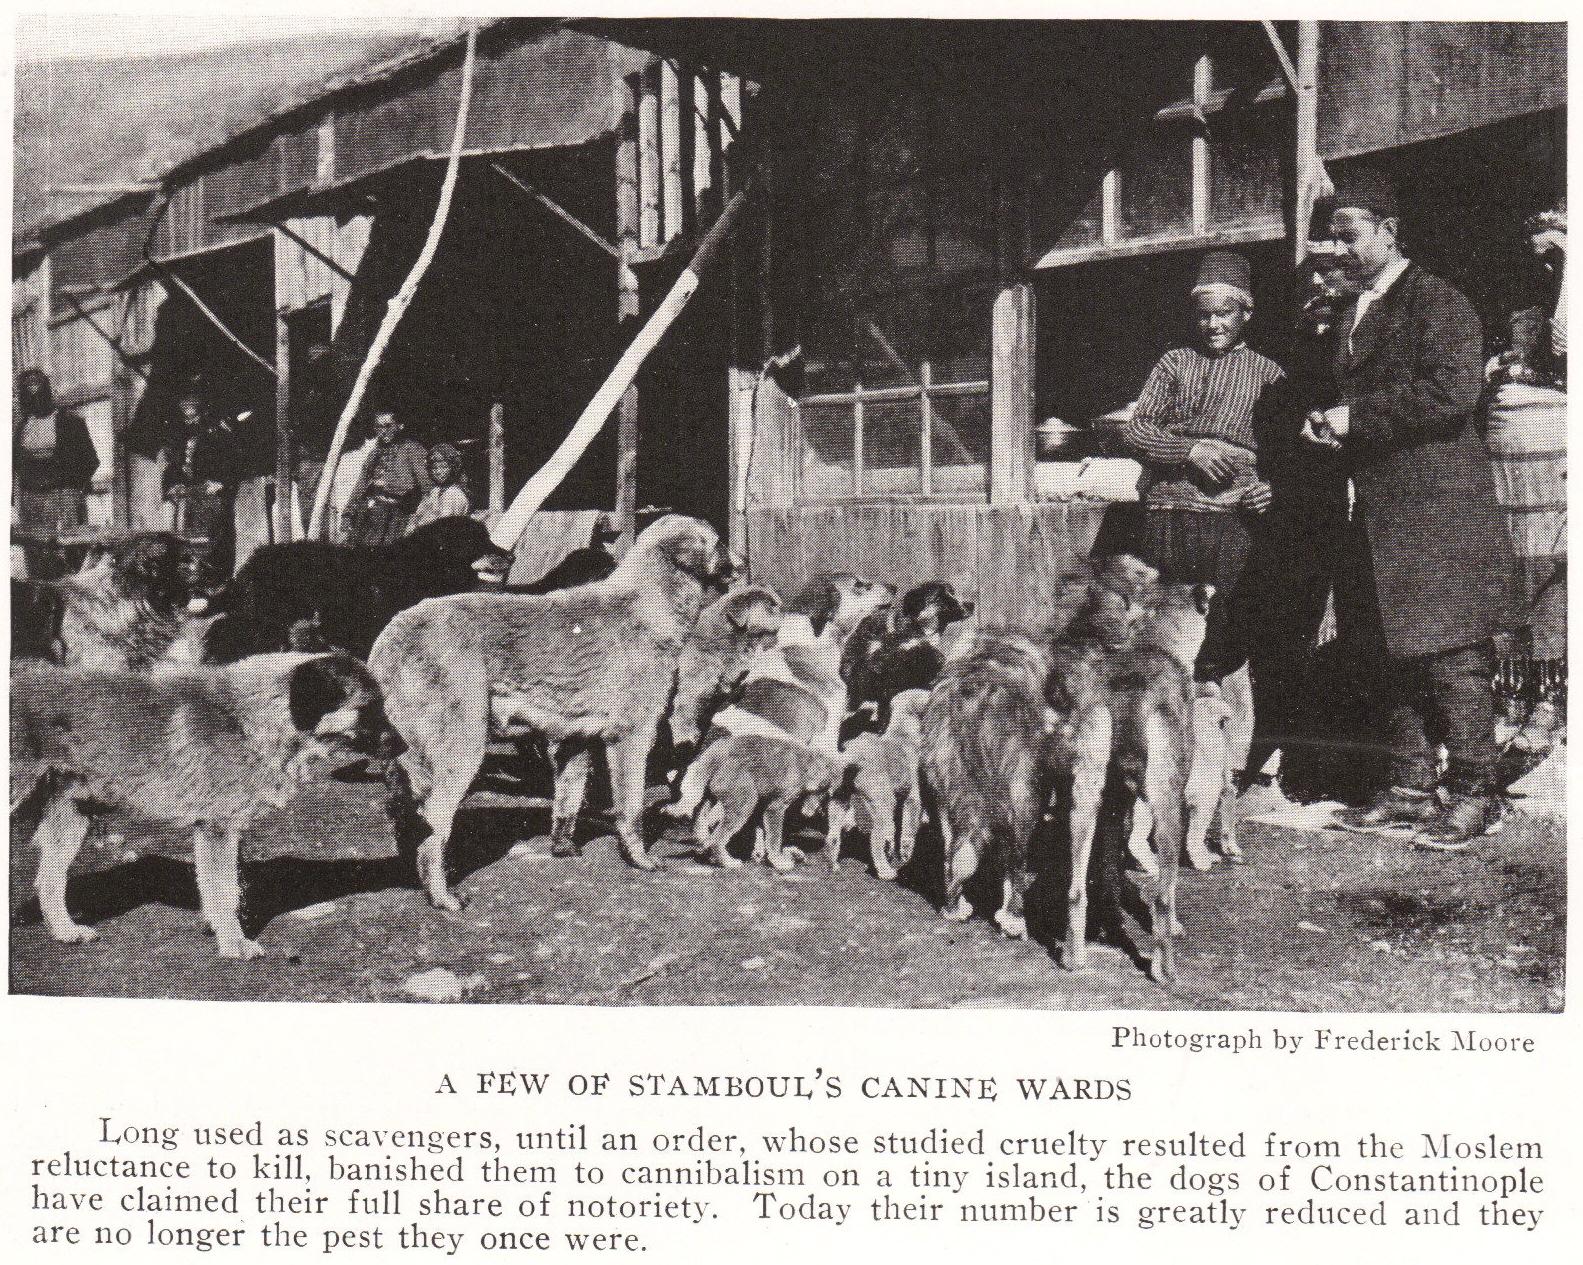 Canine Ward